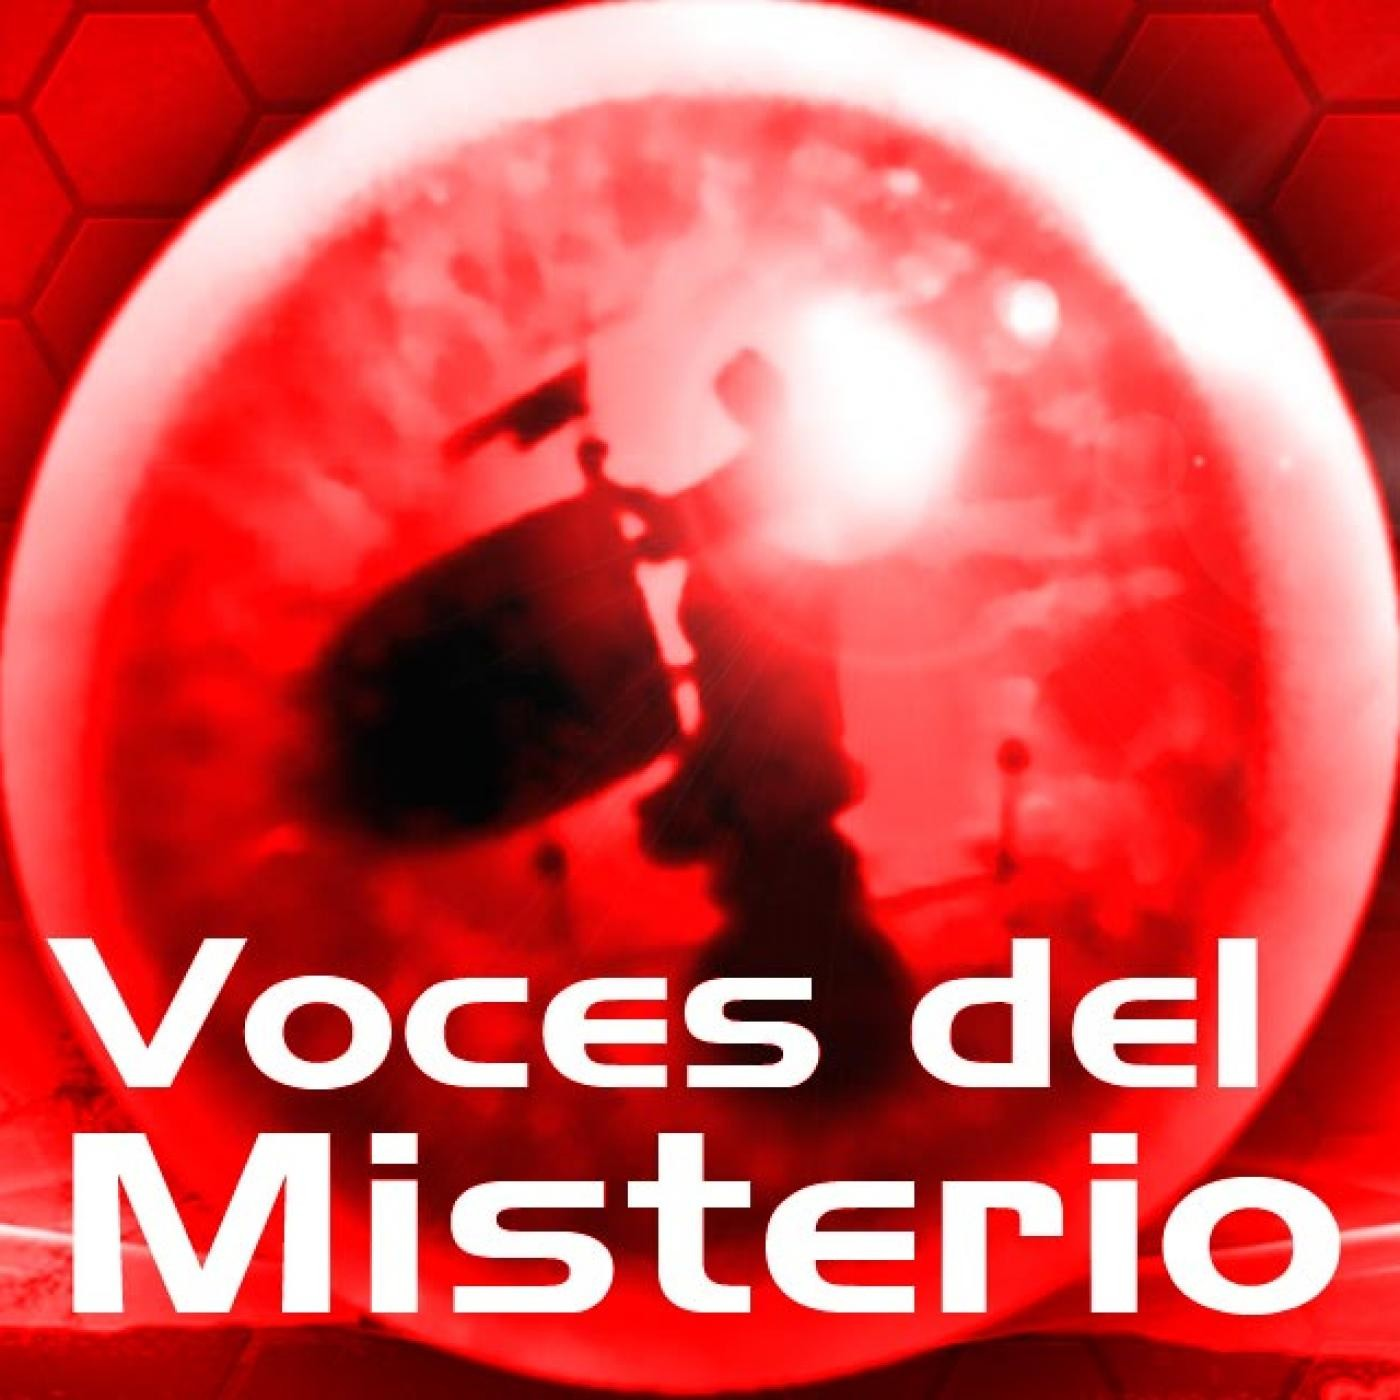 Voces del Misterio COPE: OVNIs y presidentes de Estados Unidos, con Javier Sierra